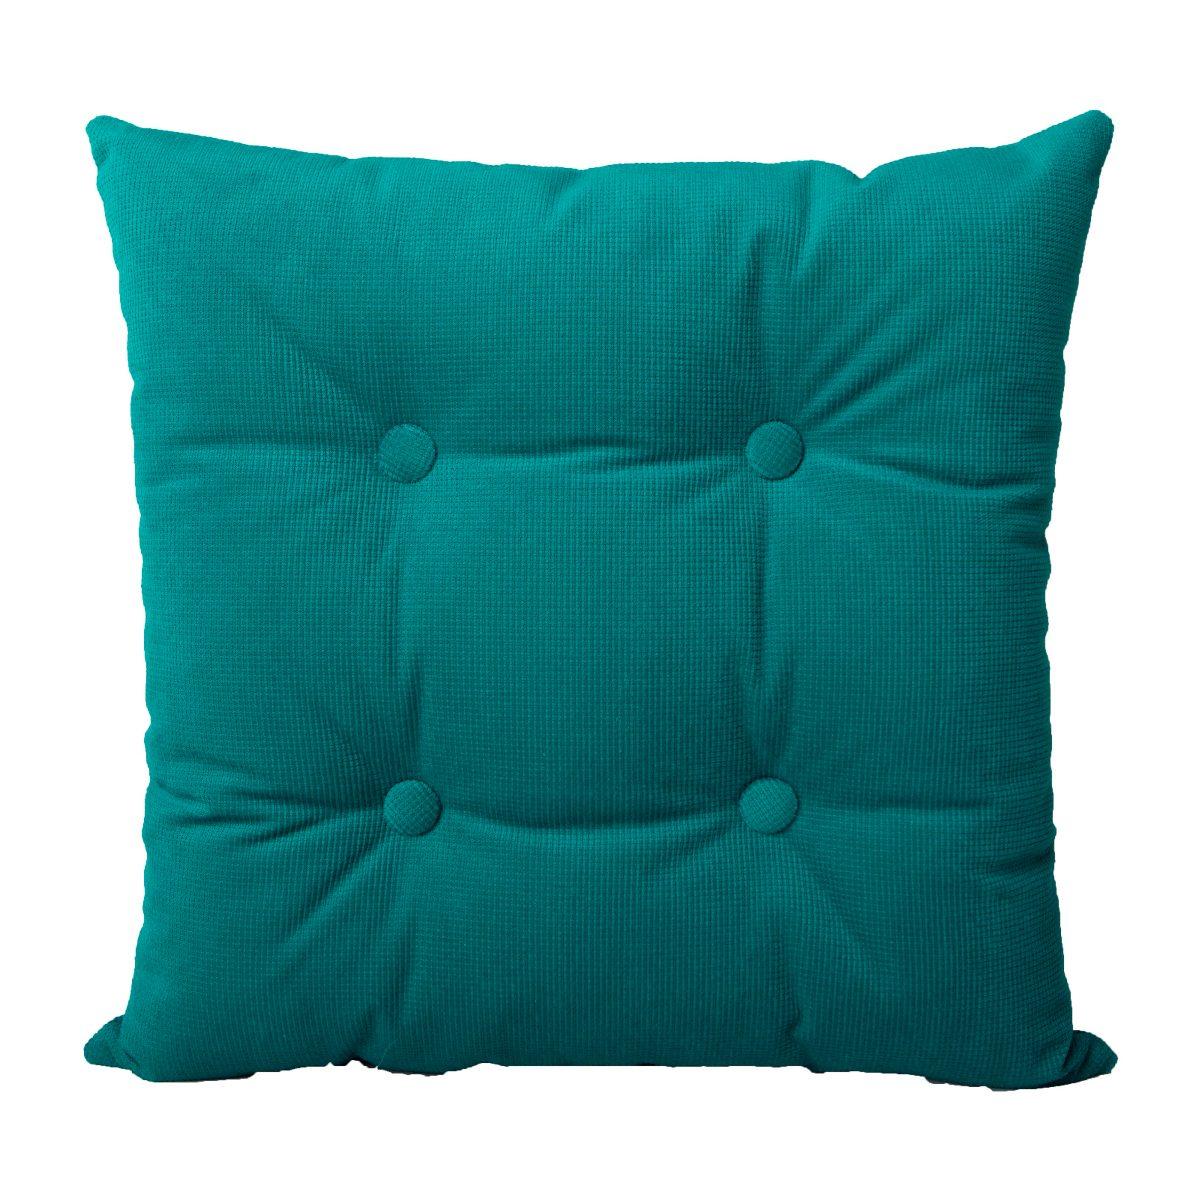 Cojin Decorativo Liso Decoracion Verde Aqua 40 X 40 359 00 En  # Beestudio Muebles